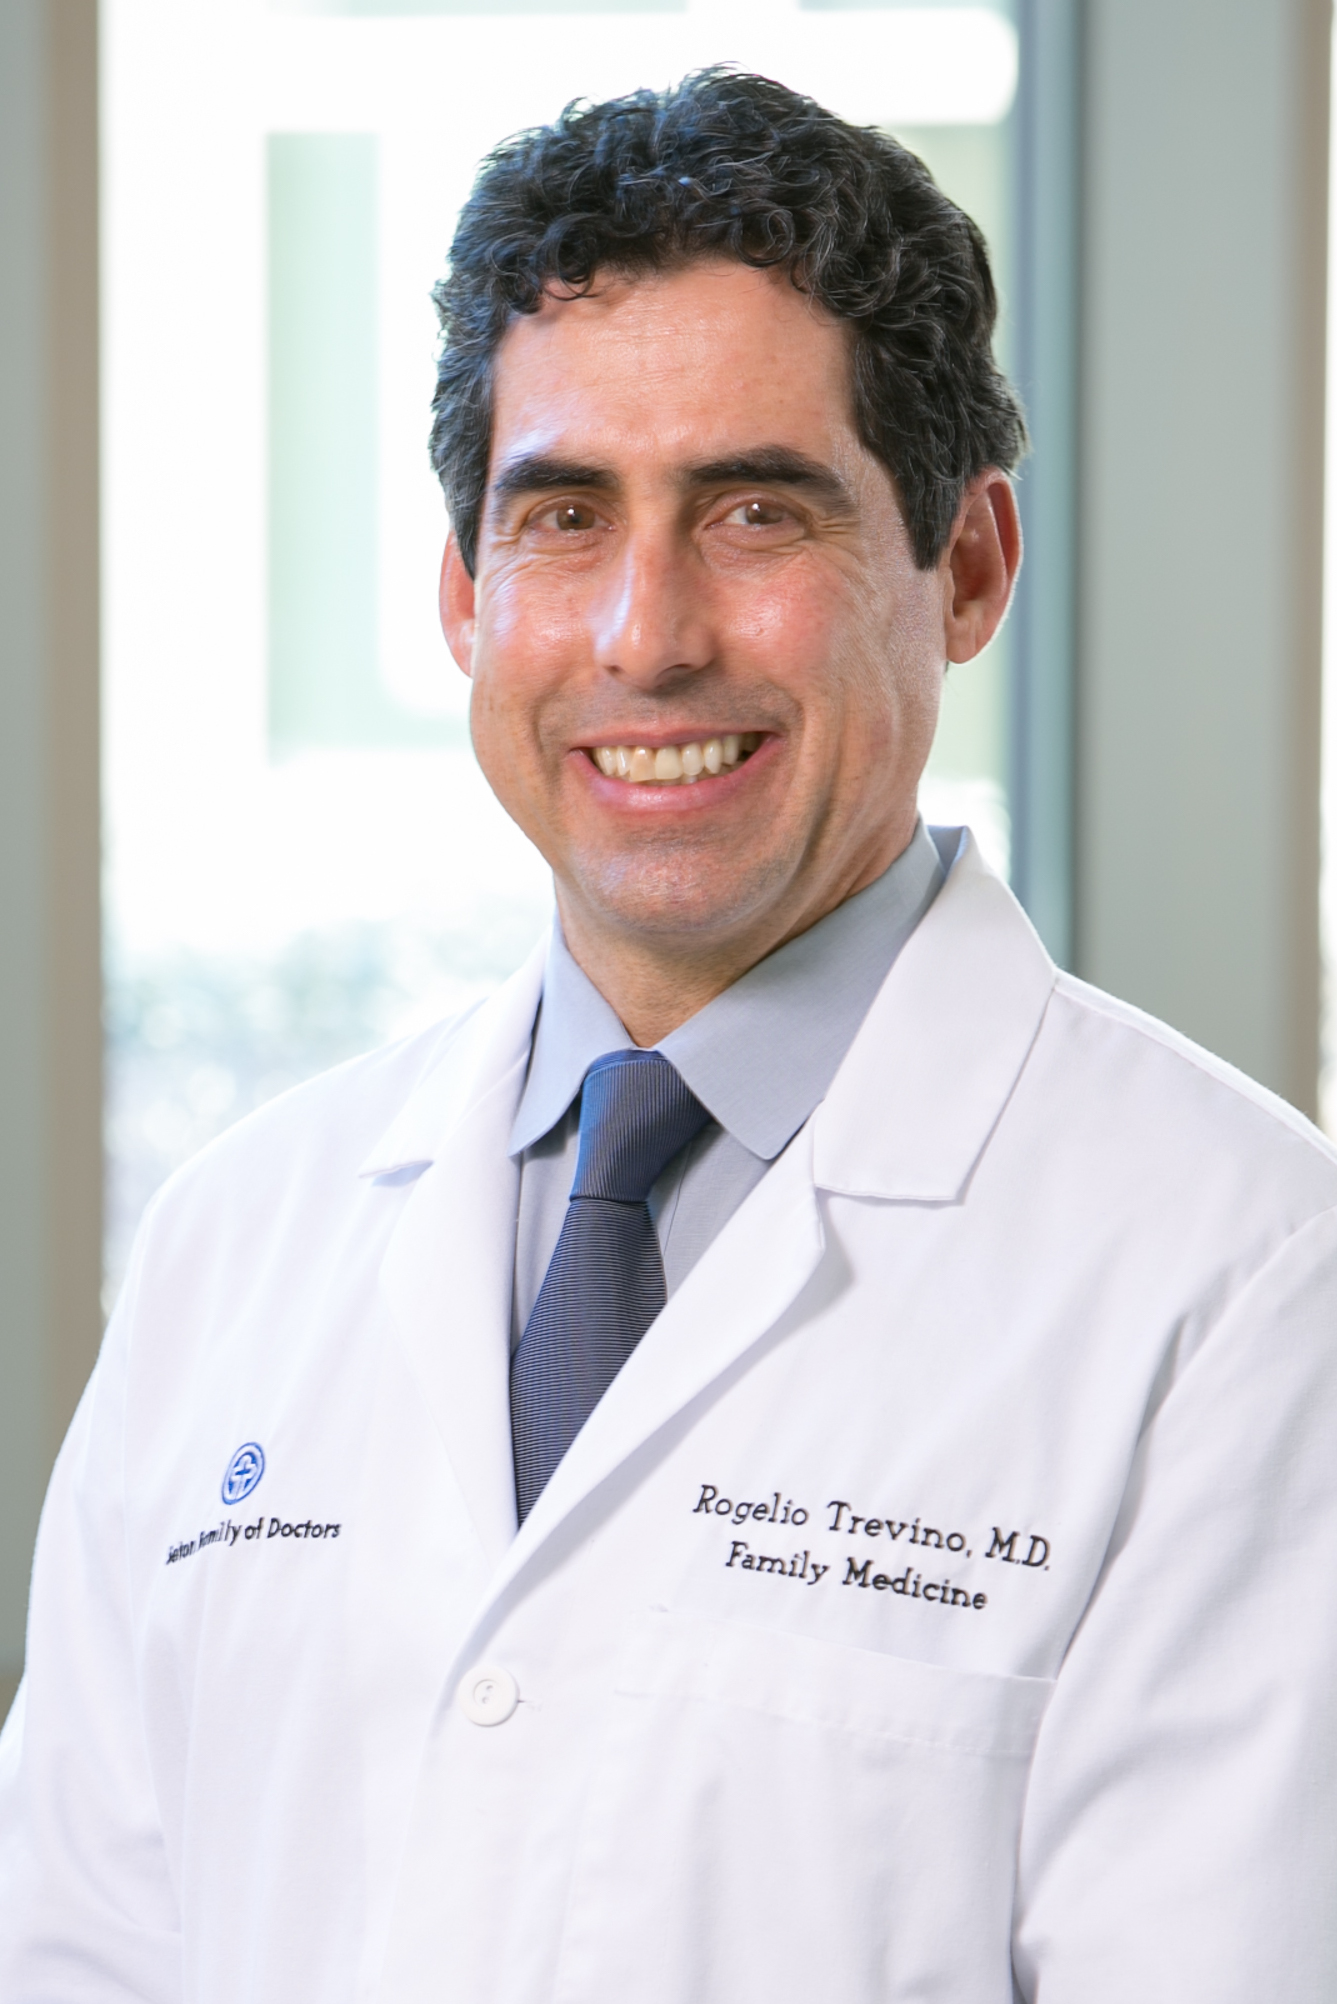 Rogelio Trevino, MD